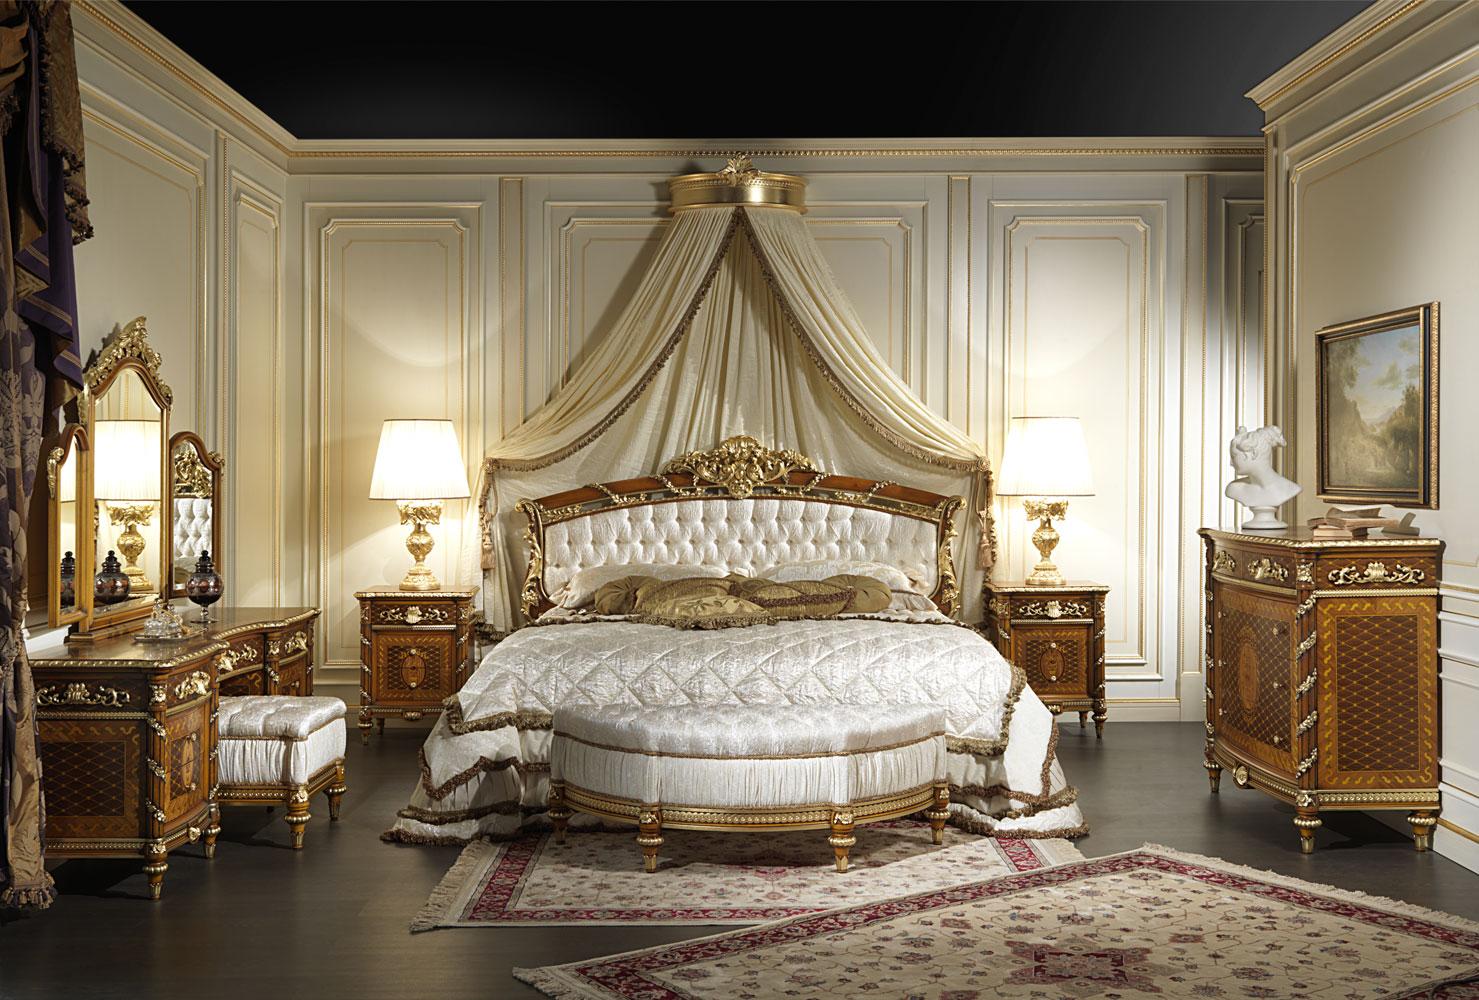 Обильный золотистый декор в классической спальне